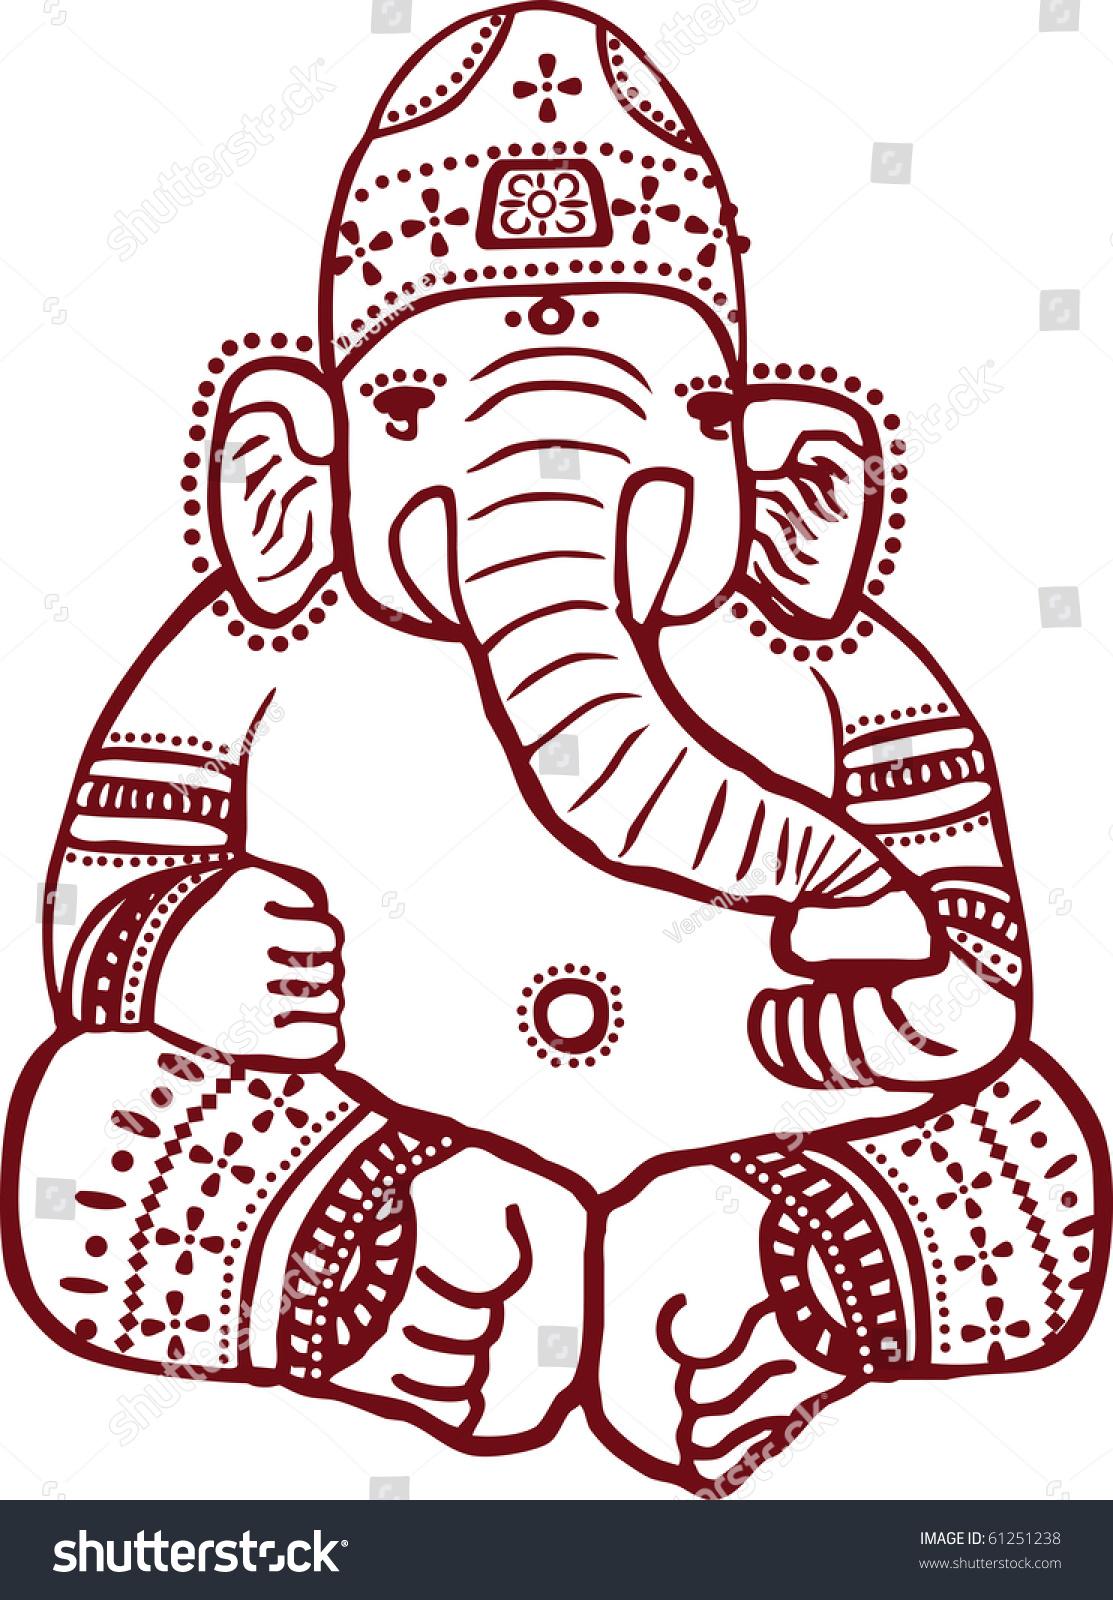 Traditional Indian Henna Design Of The Hindu Elephant God Ganesha